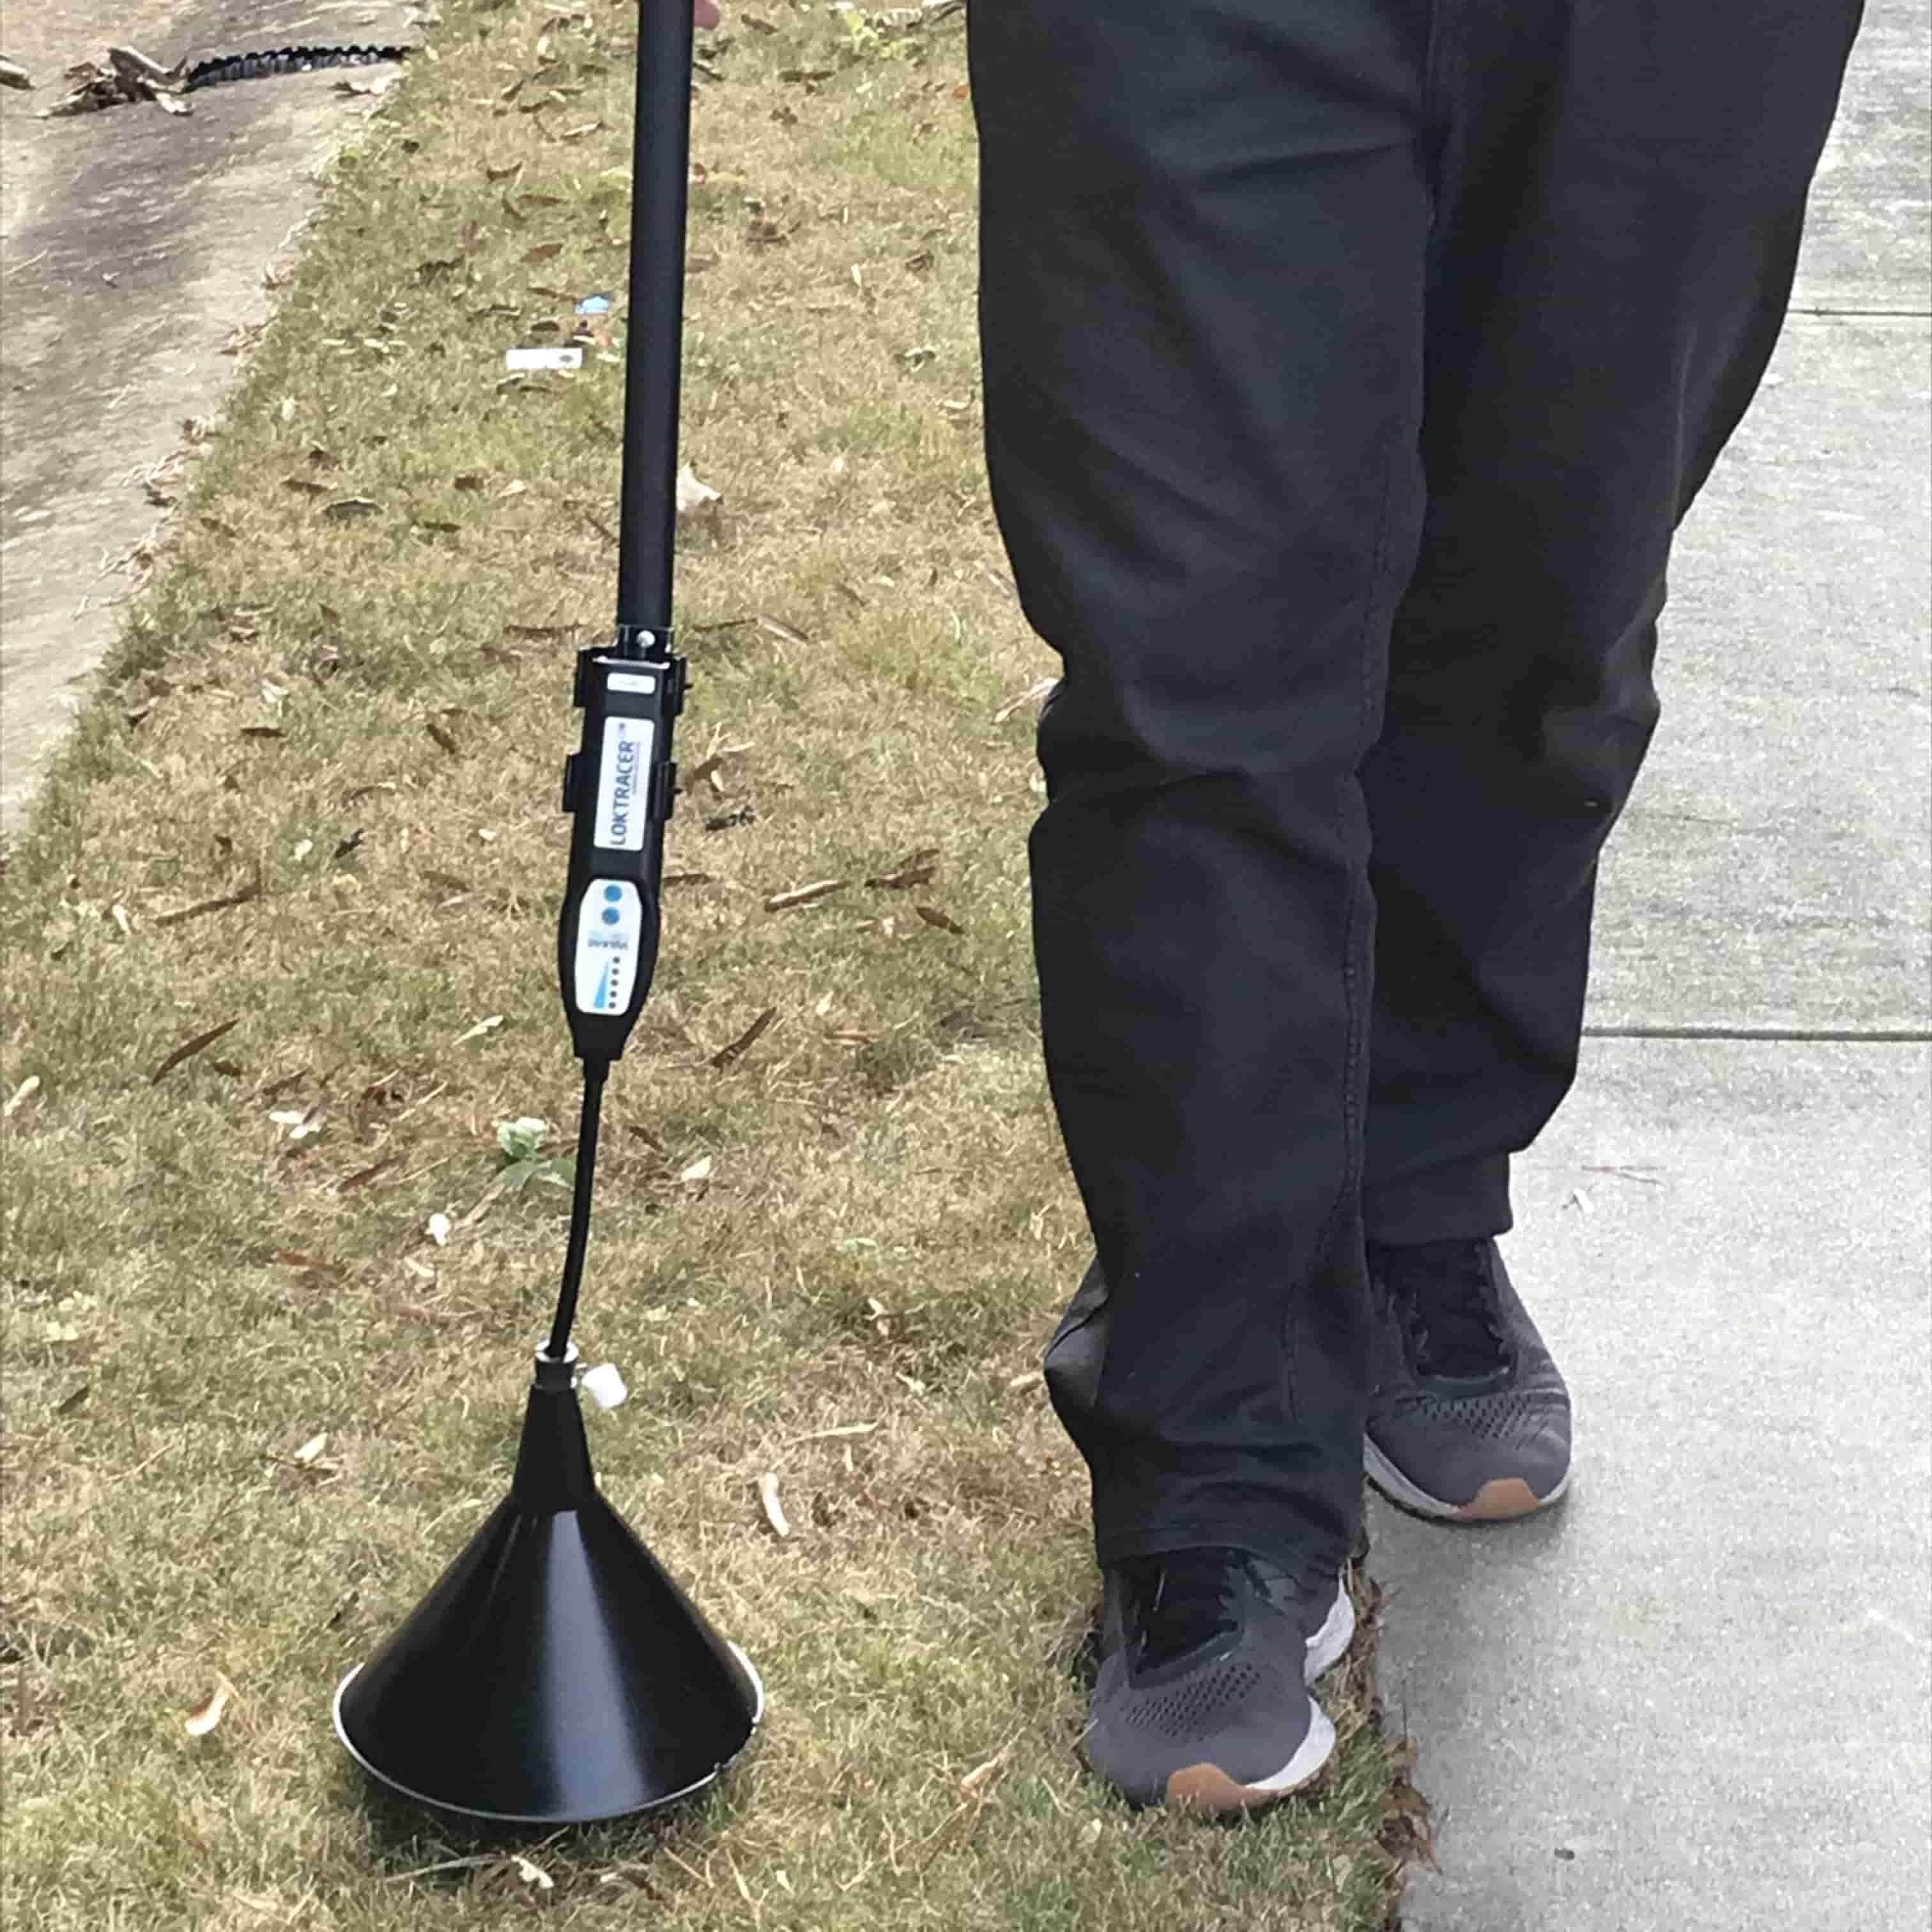 Underground Pipe Leak Detector